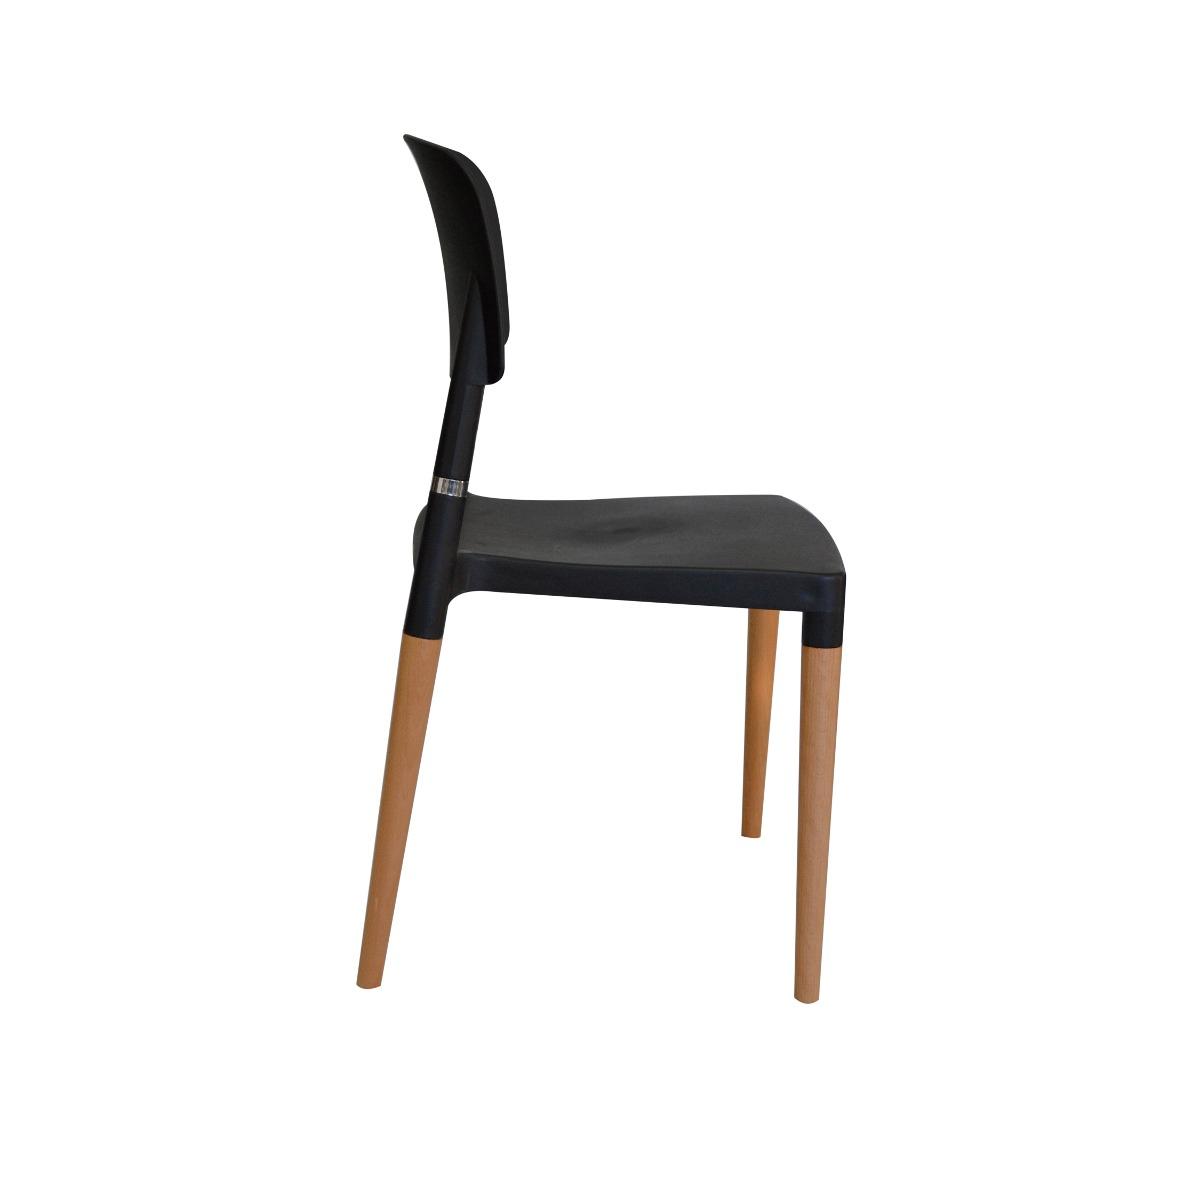 Cadeira Para Escritório Belloch R$ 229 98 em Mercado Livre #7D4D25 1200x1200